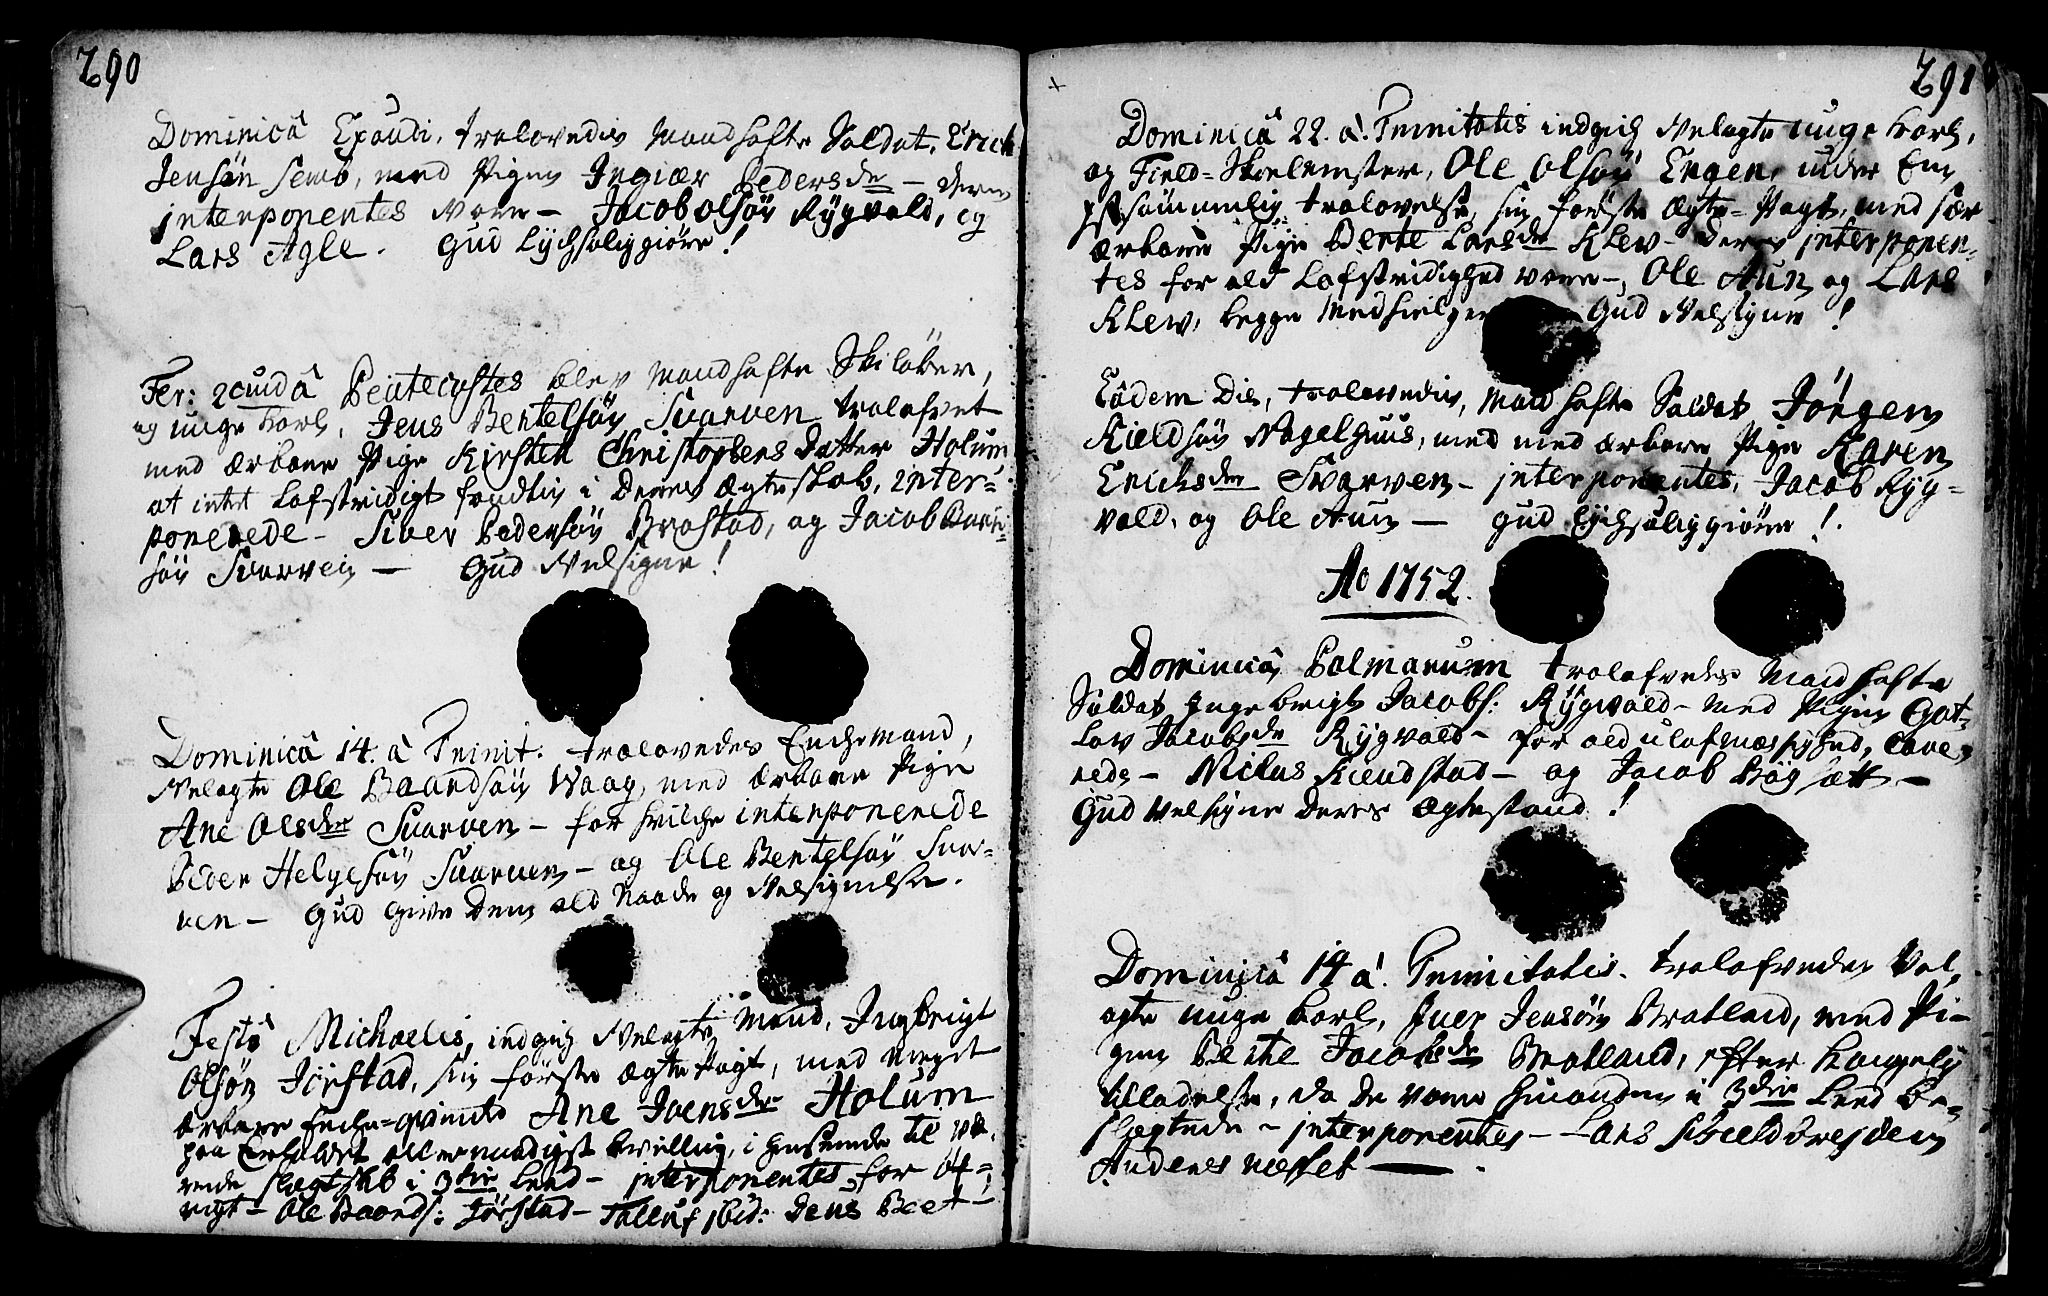 SAT, Ministerialprotokoller, klokkerbøker og fødselsregistre - Nord-Trøndelag, 749/L0467: Ministerialbok nr. 749A01, 1733-1787, s. 290-291